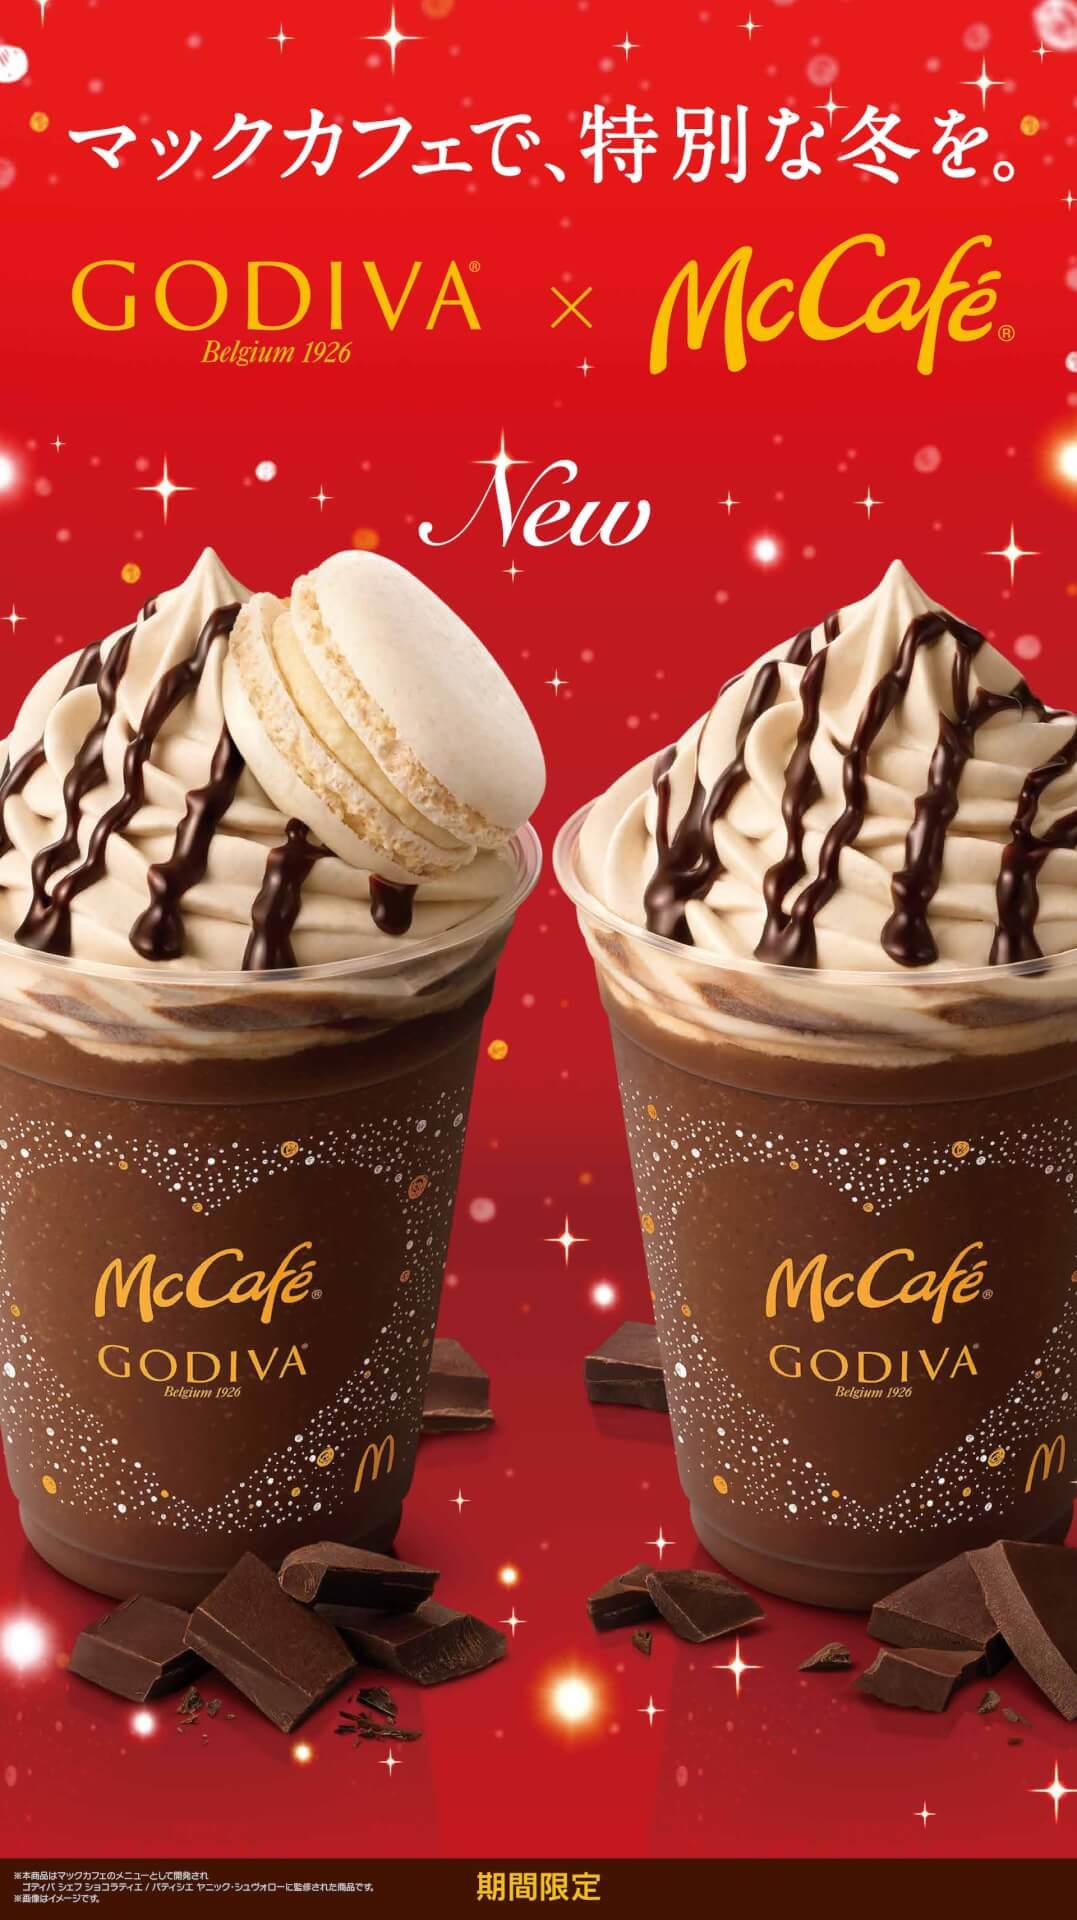 マクドナルドのマックカフェがゴディバと初コラボ!「ゴディバ チョコレートエスプレッソフラッペ&マカロン」「ゴディバ チョコレートエスプレッソフラッペ」が期間限定発売 gourmet201119_mccafe_1